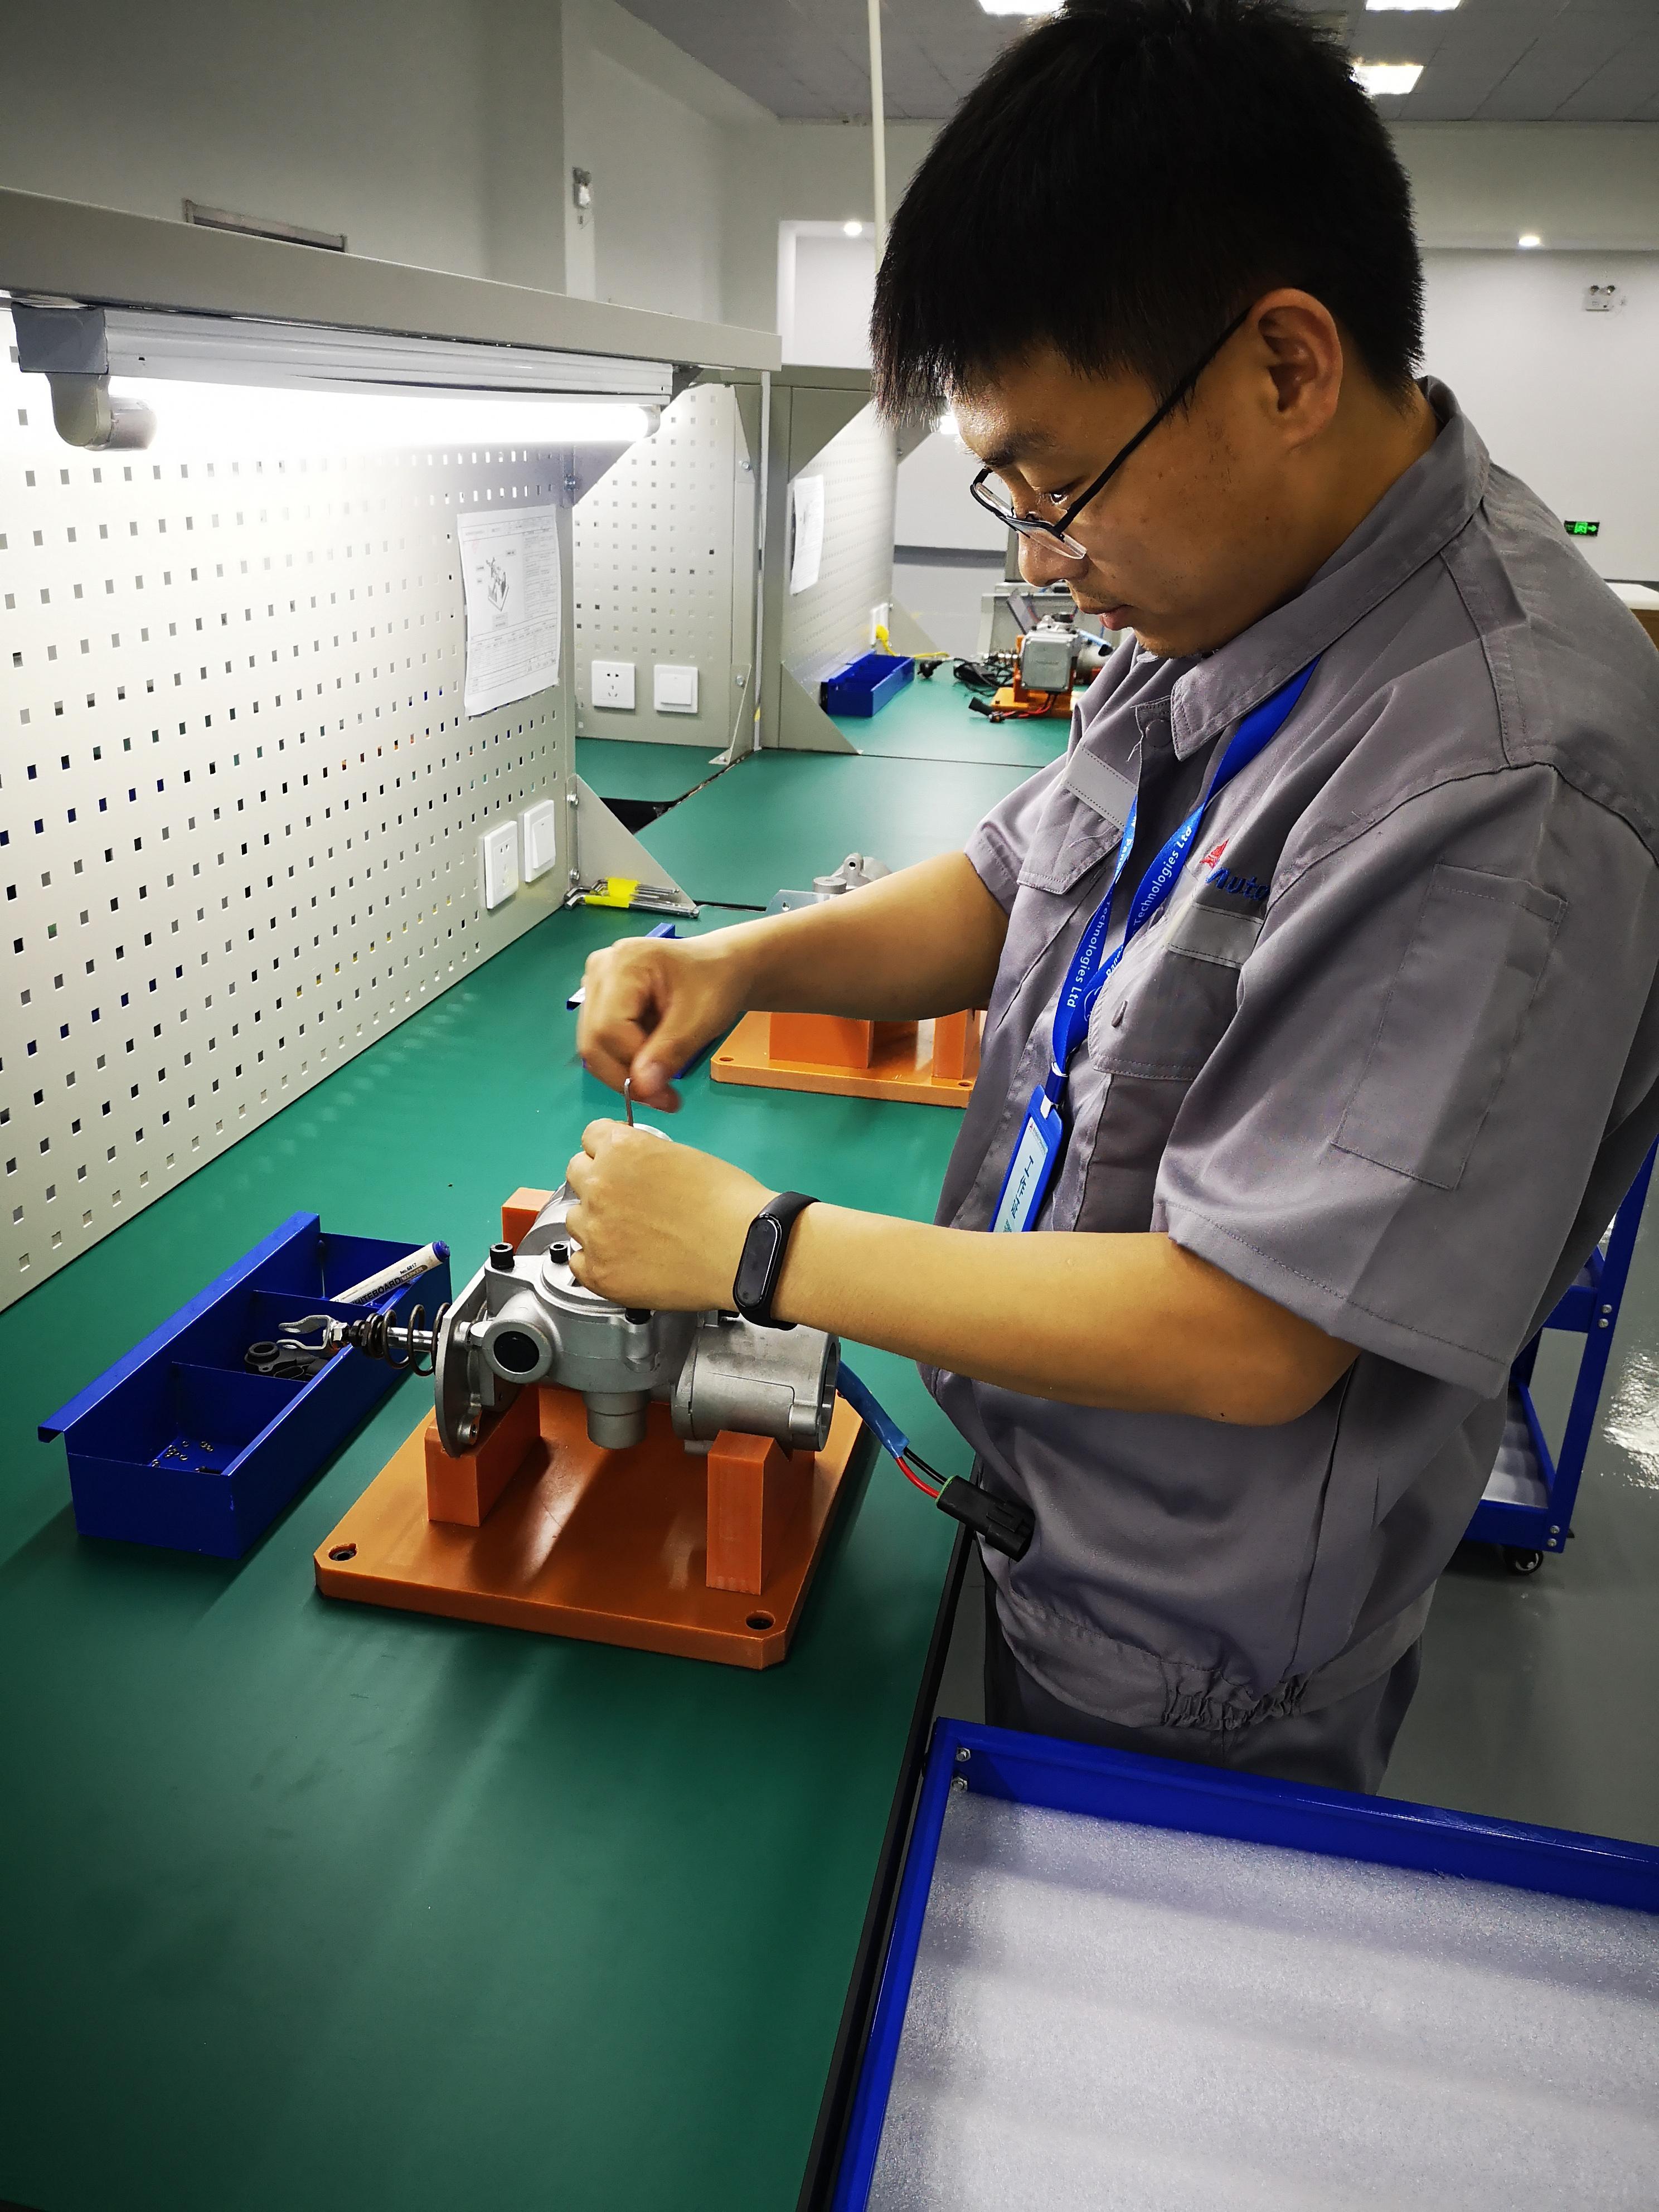 """经纬达汽车科技高瞻:提供适合中国场景的制动技术服务,追求打破""""卡脖子""""技术壁垒"""